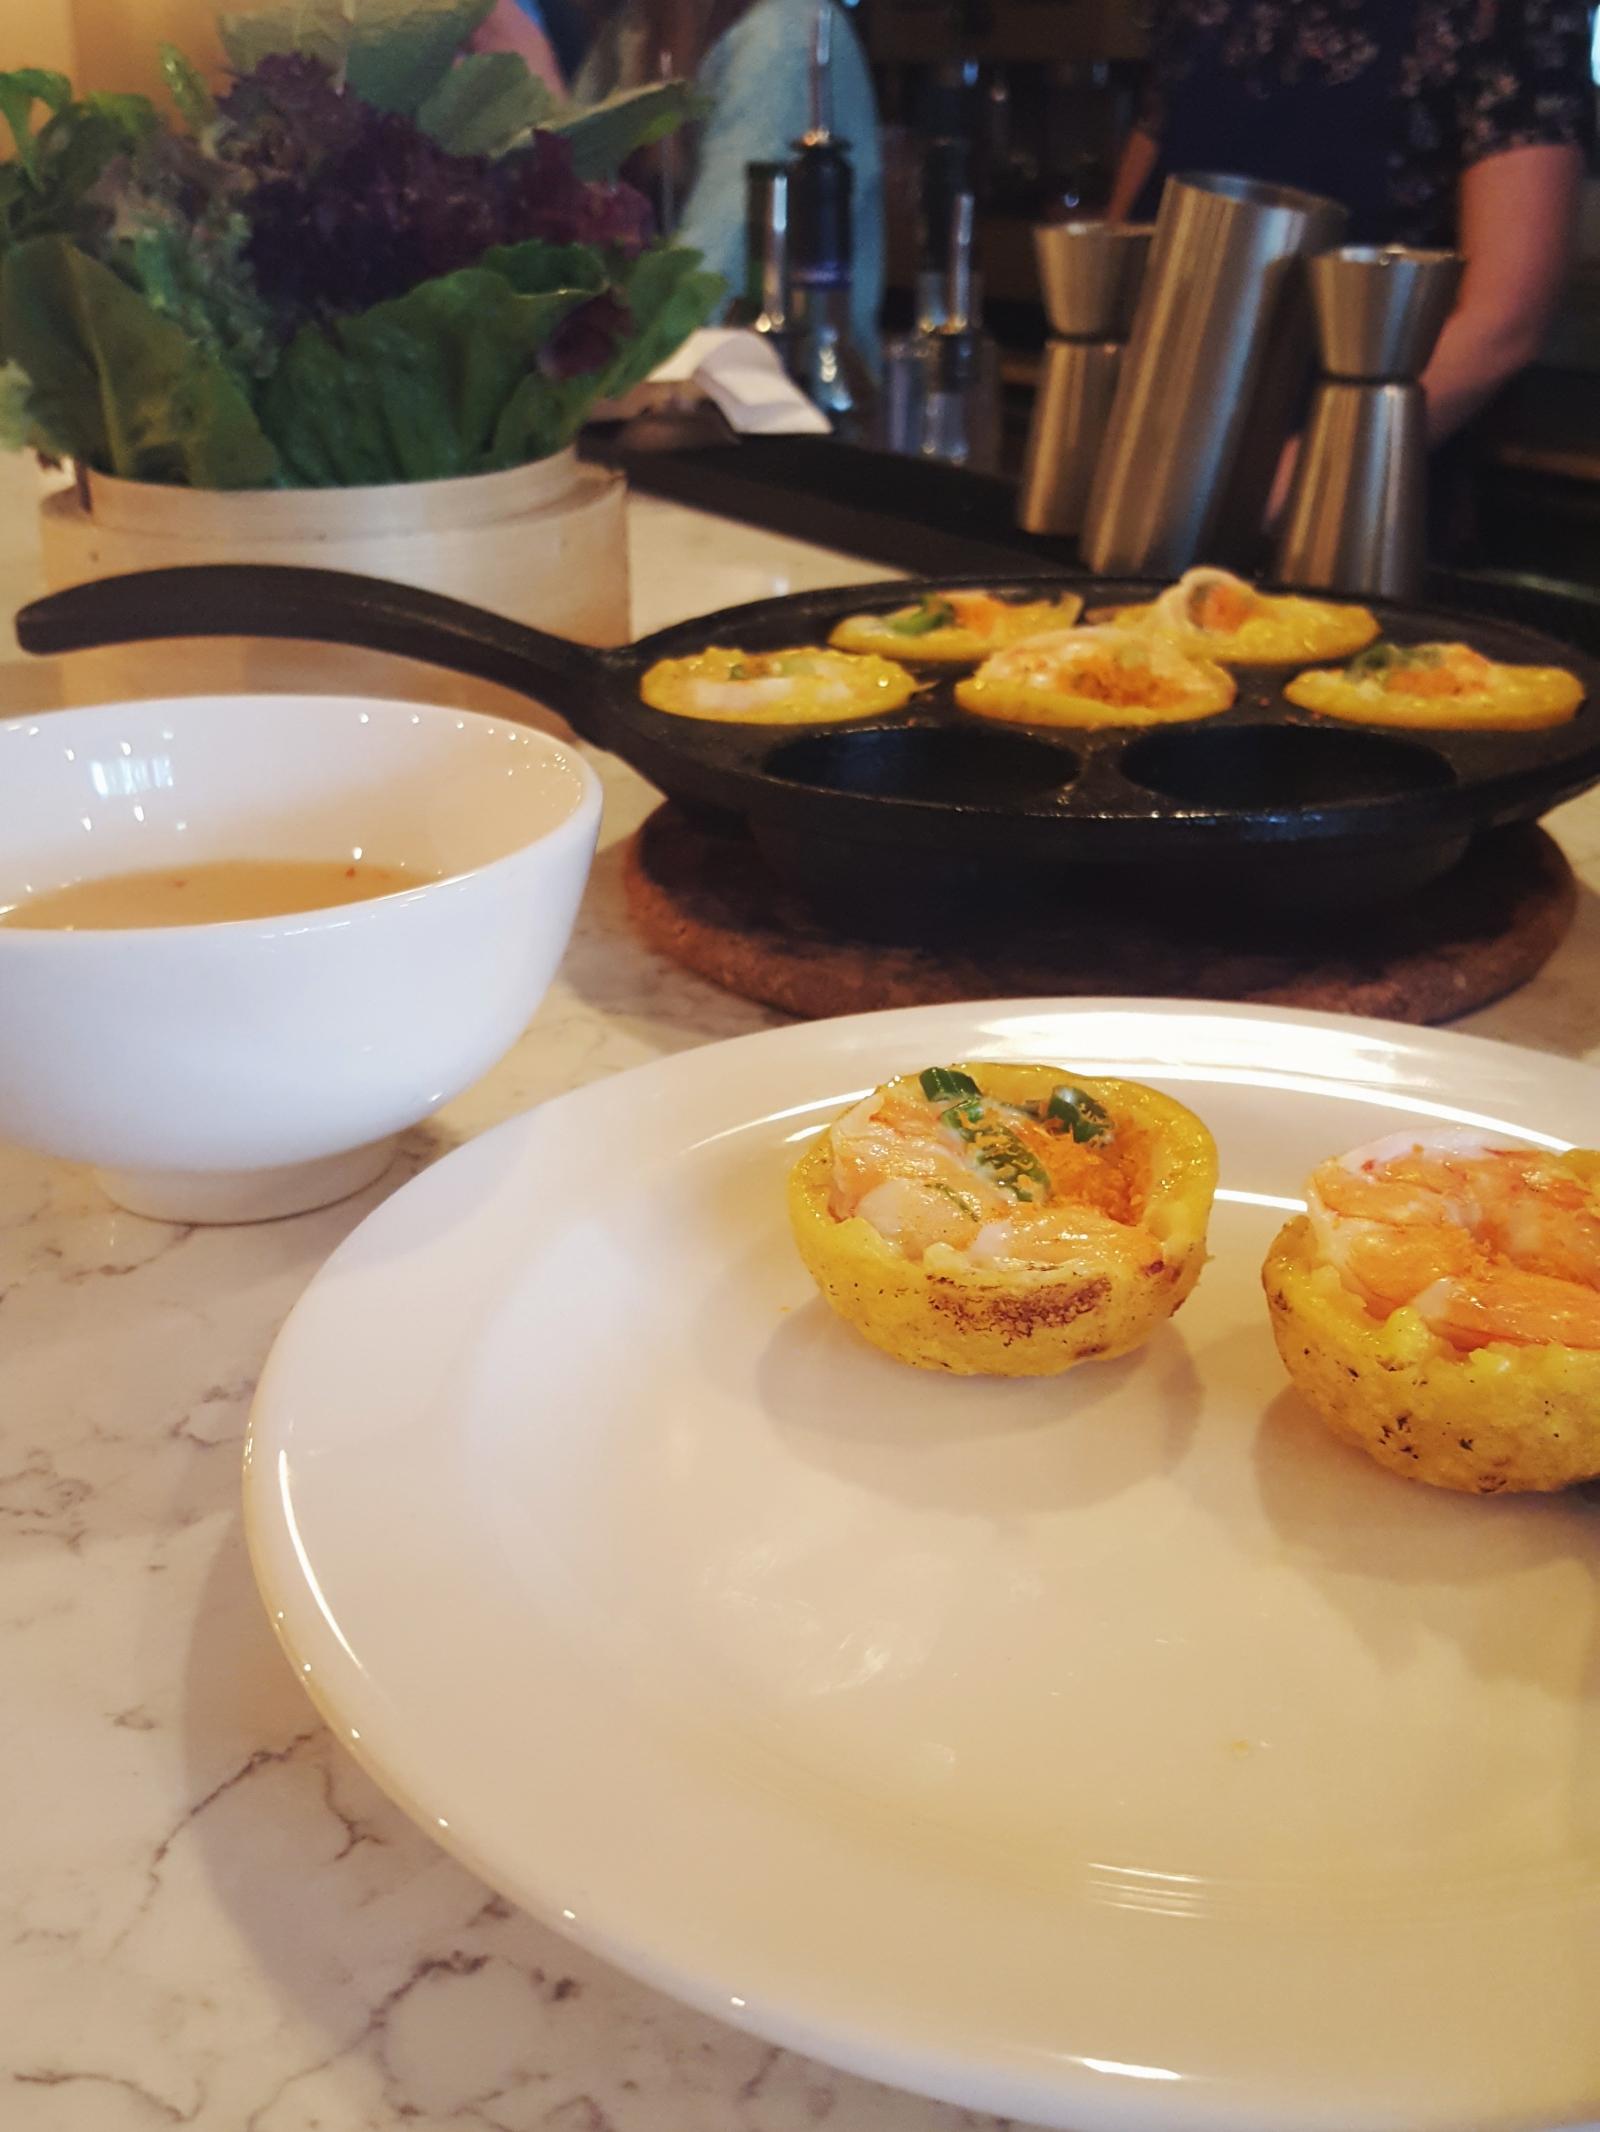 Banh khot pancakes at Banh Banh